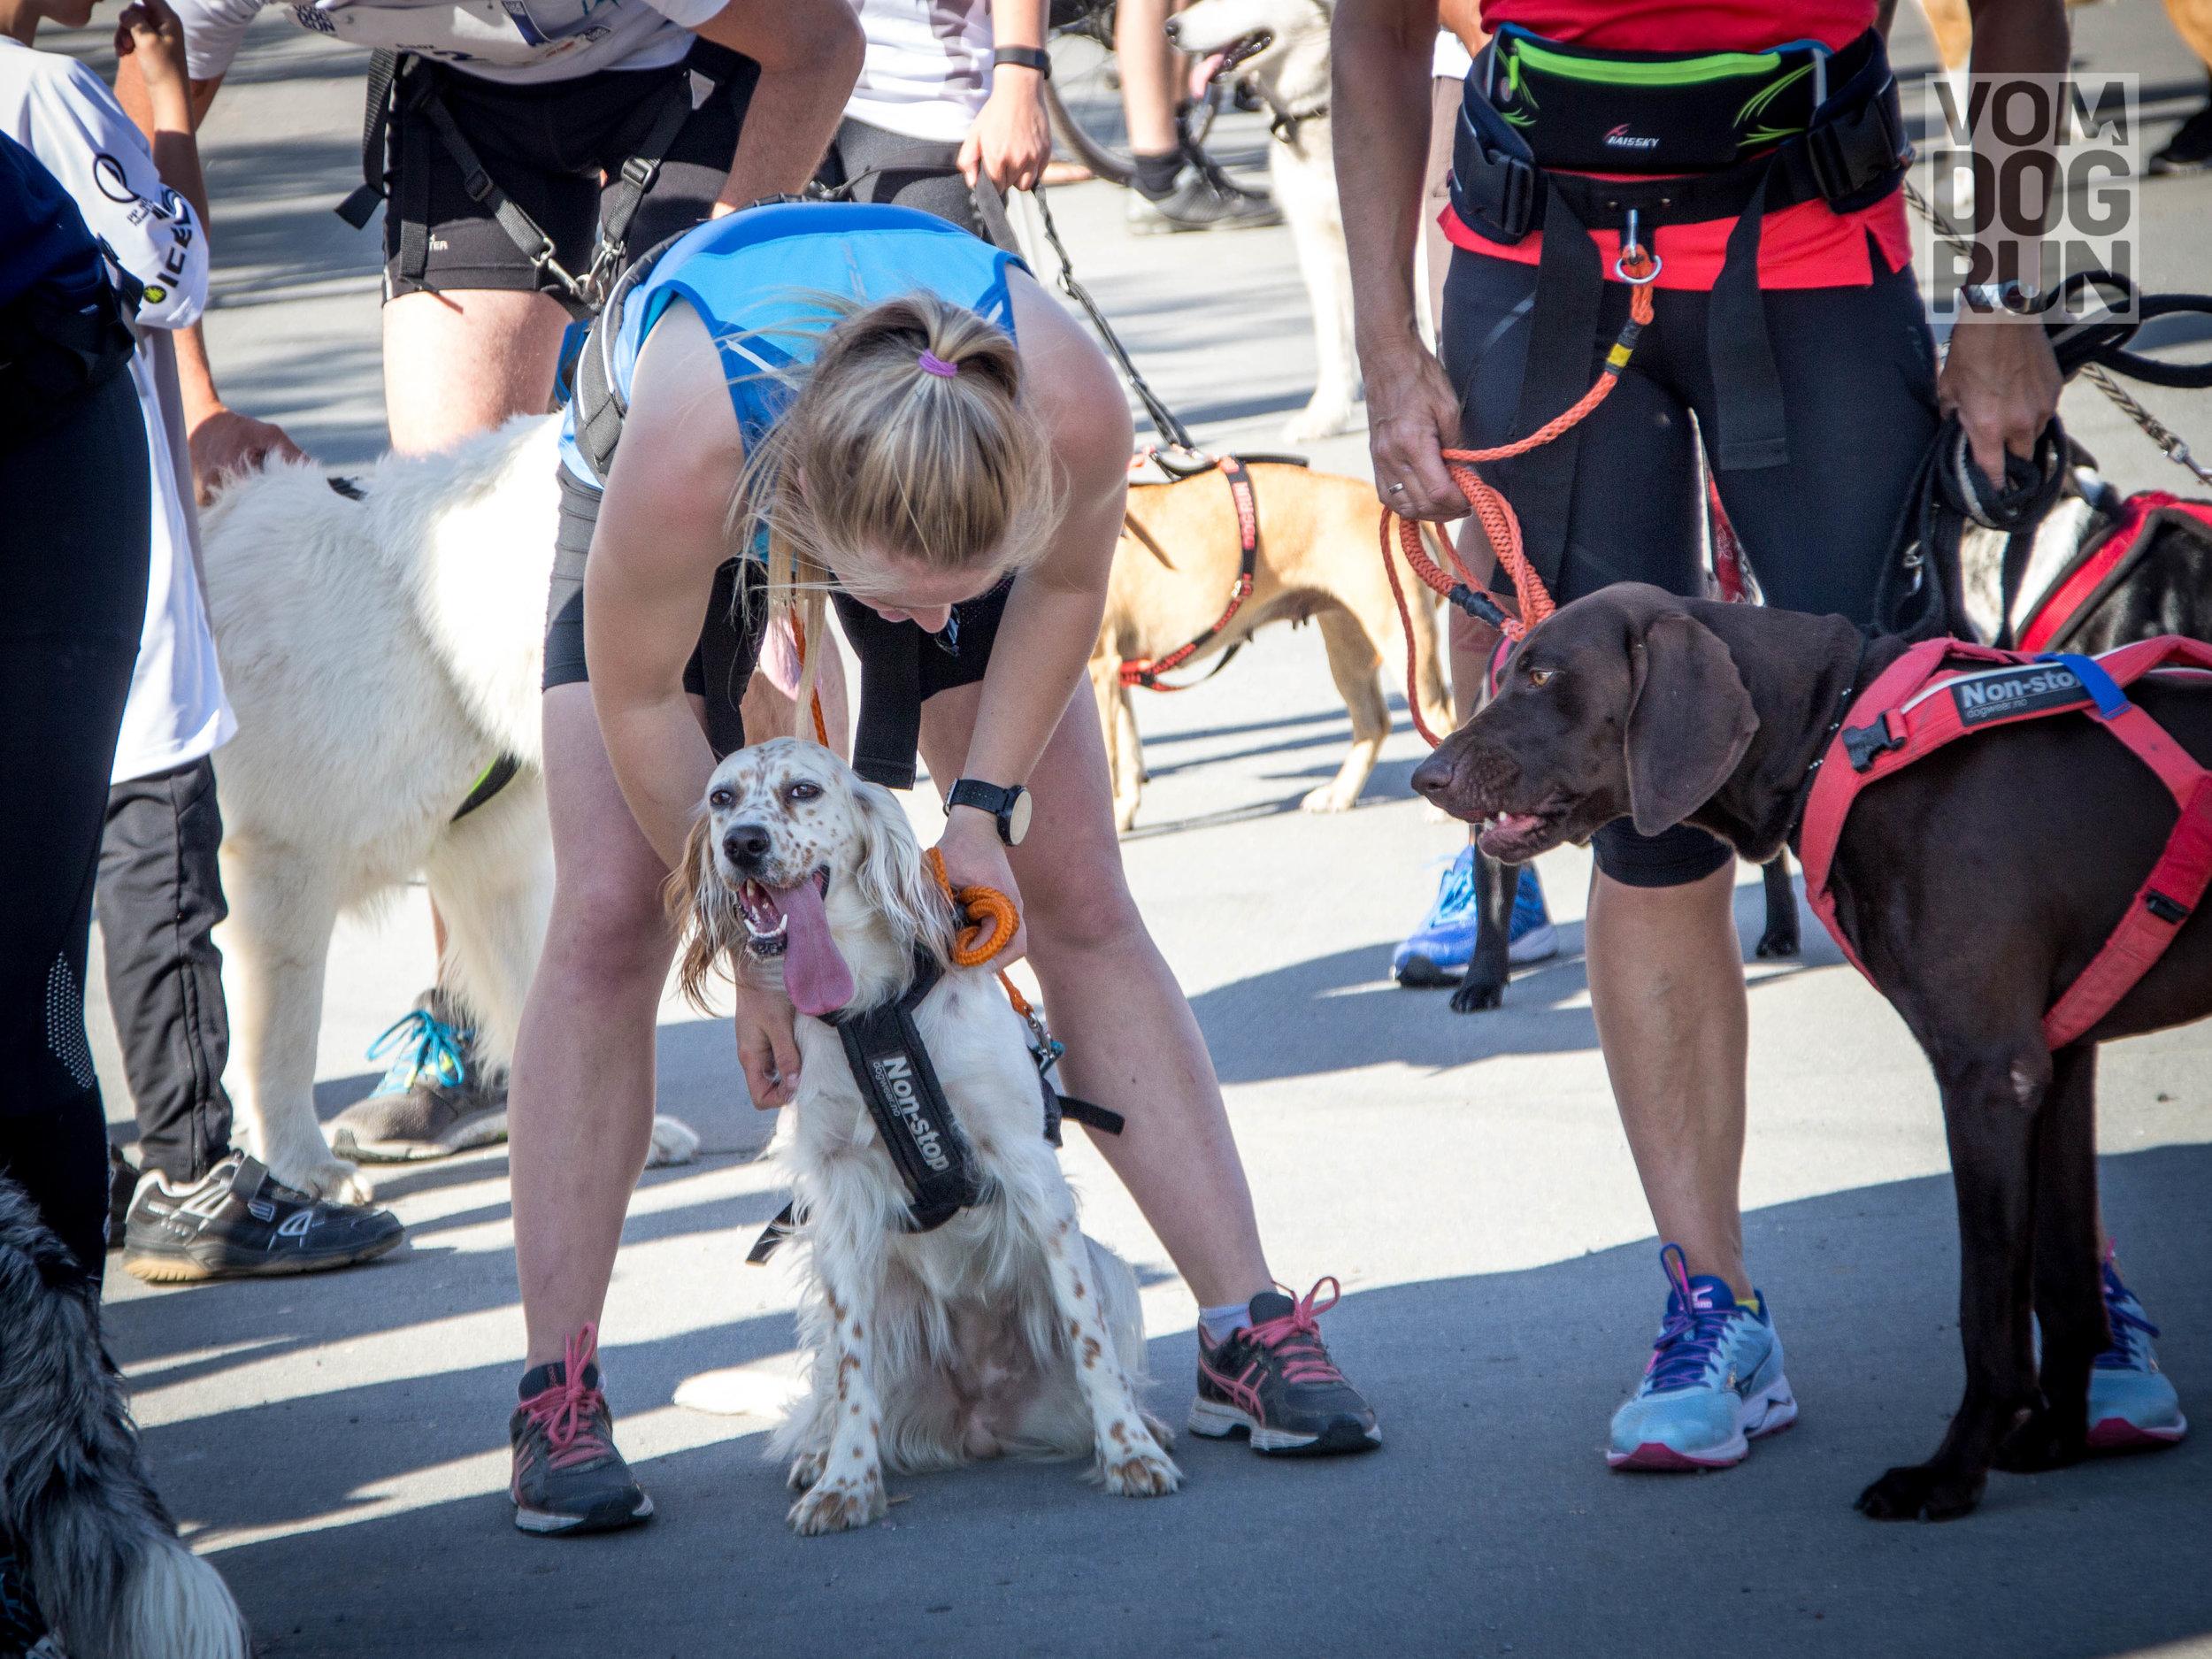 VOM Dog Run SoMe-11.jpg